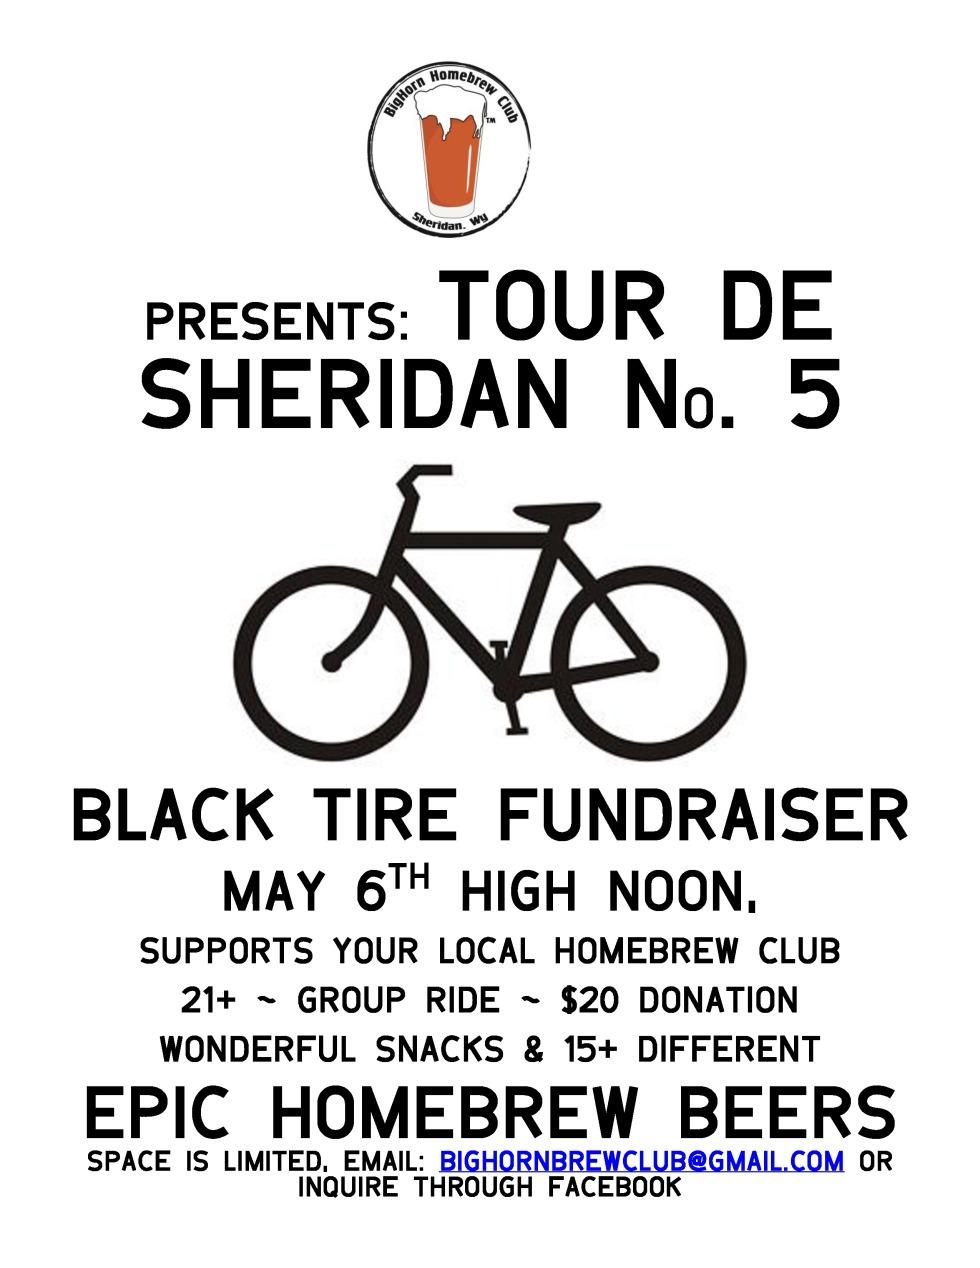 tour-de-sheridan-no-5-poster-jpg